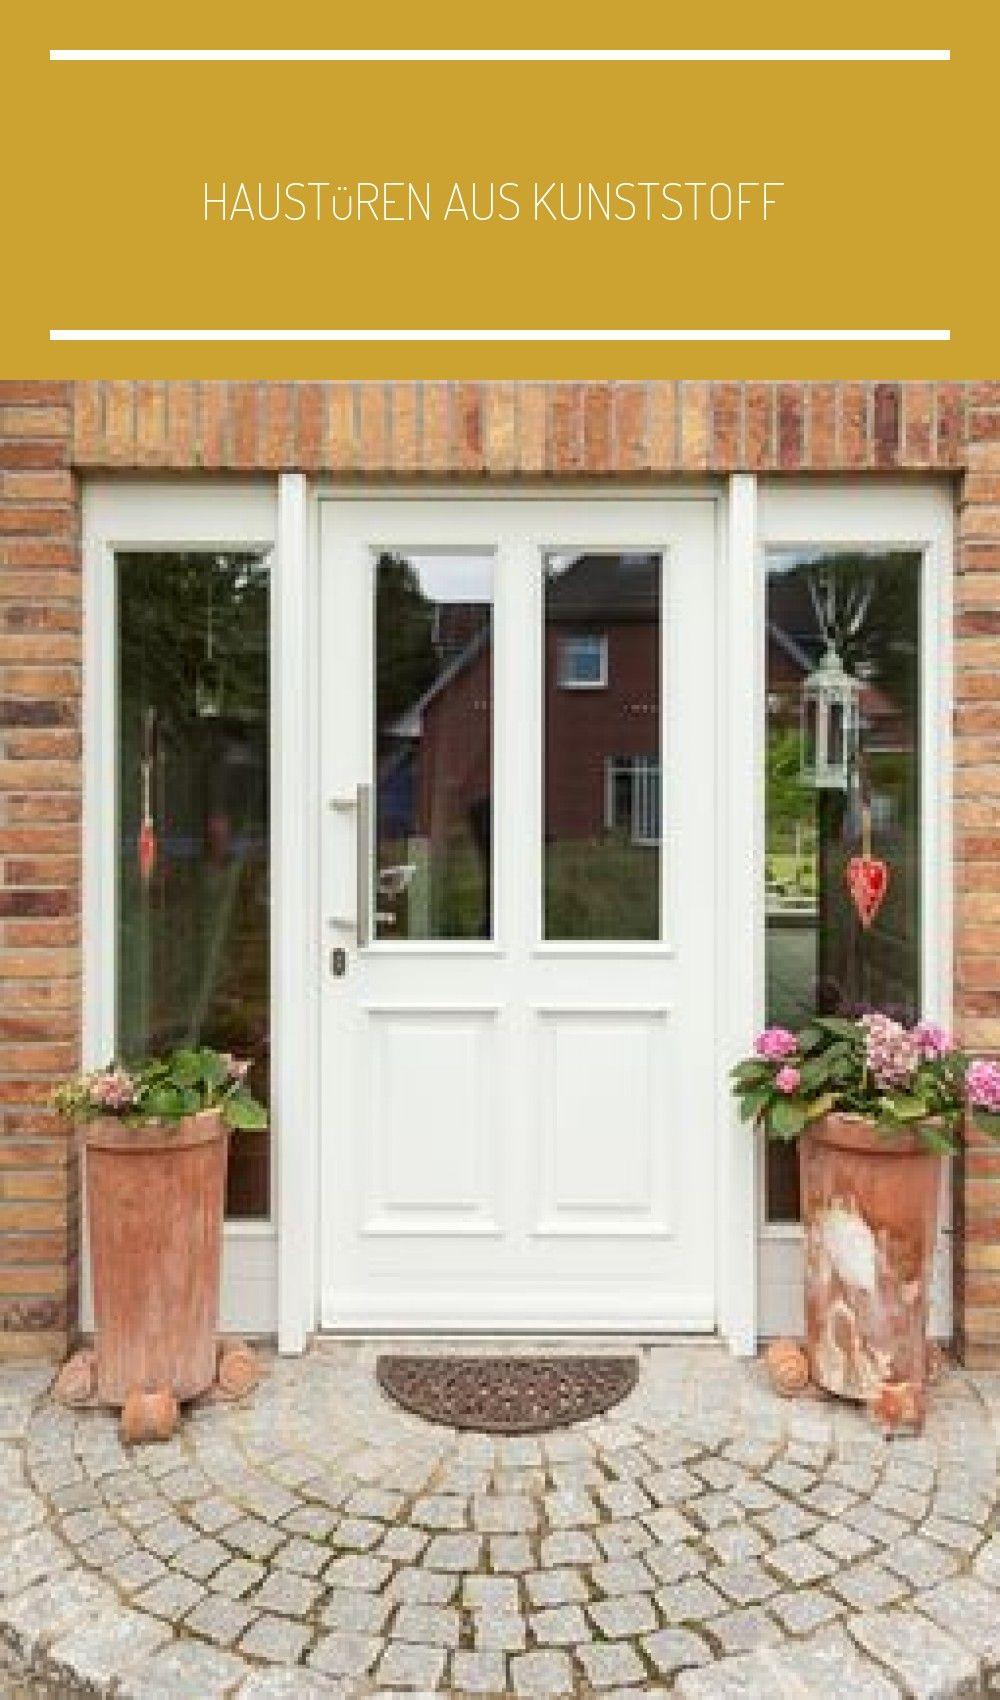 Photo of Haustüren aus Kunststoff oder Holz mit Stilelementen, wie Sprosse